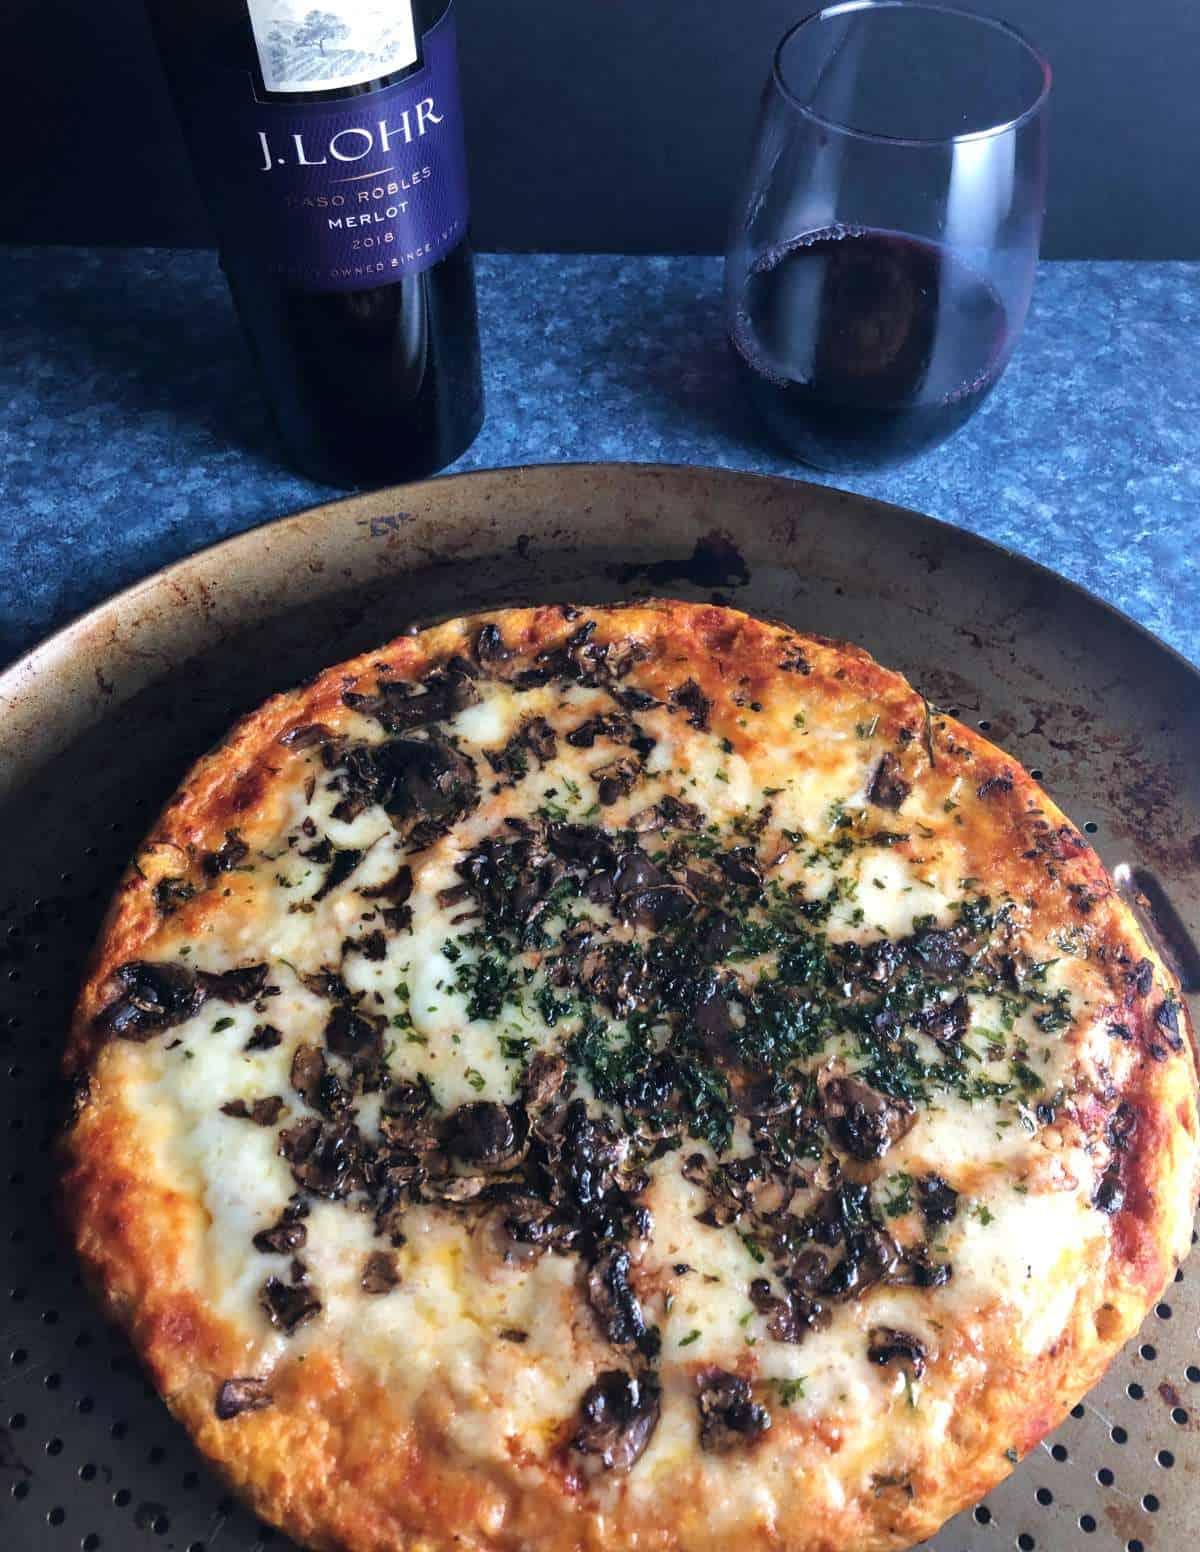 mushroom pizza served with Merlot.